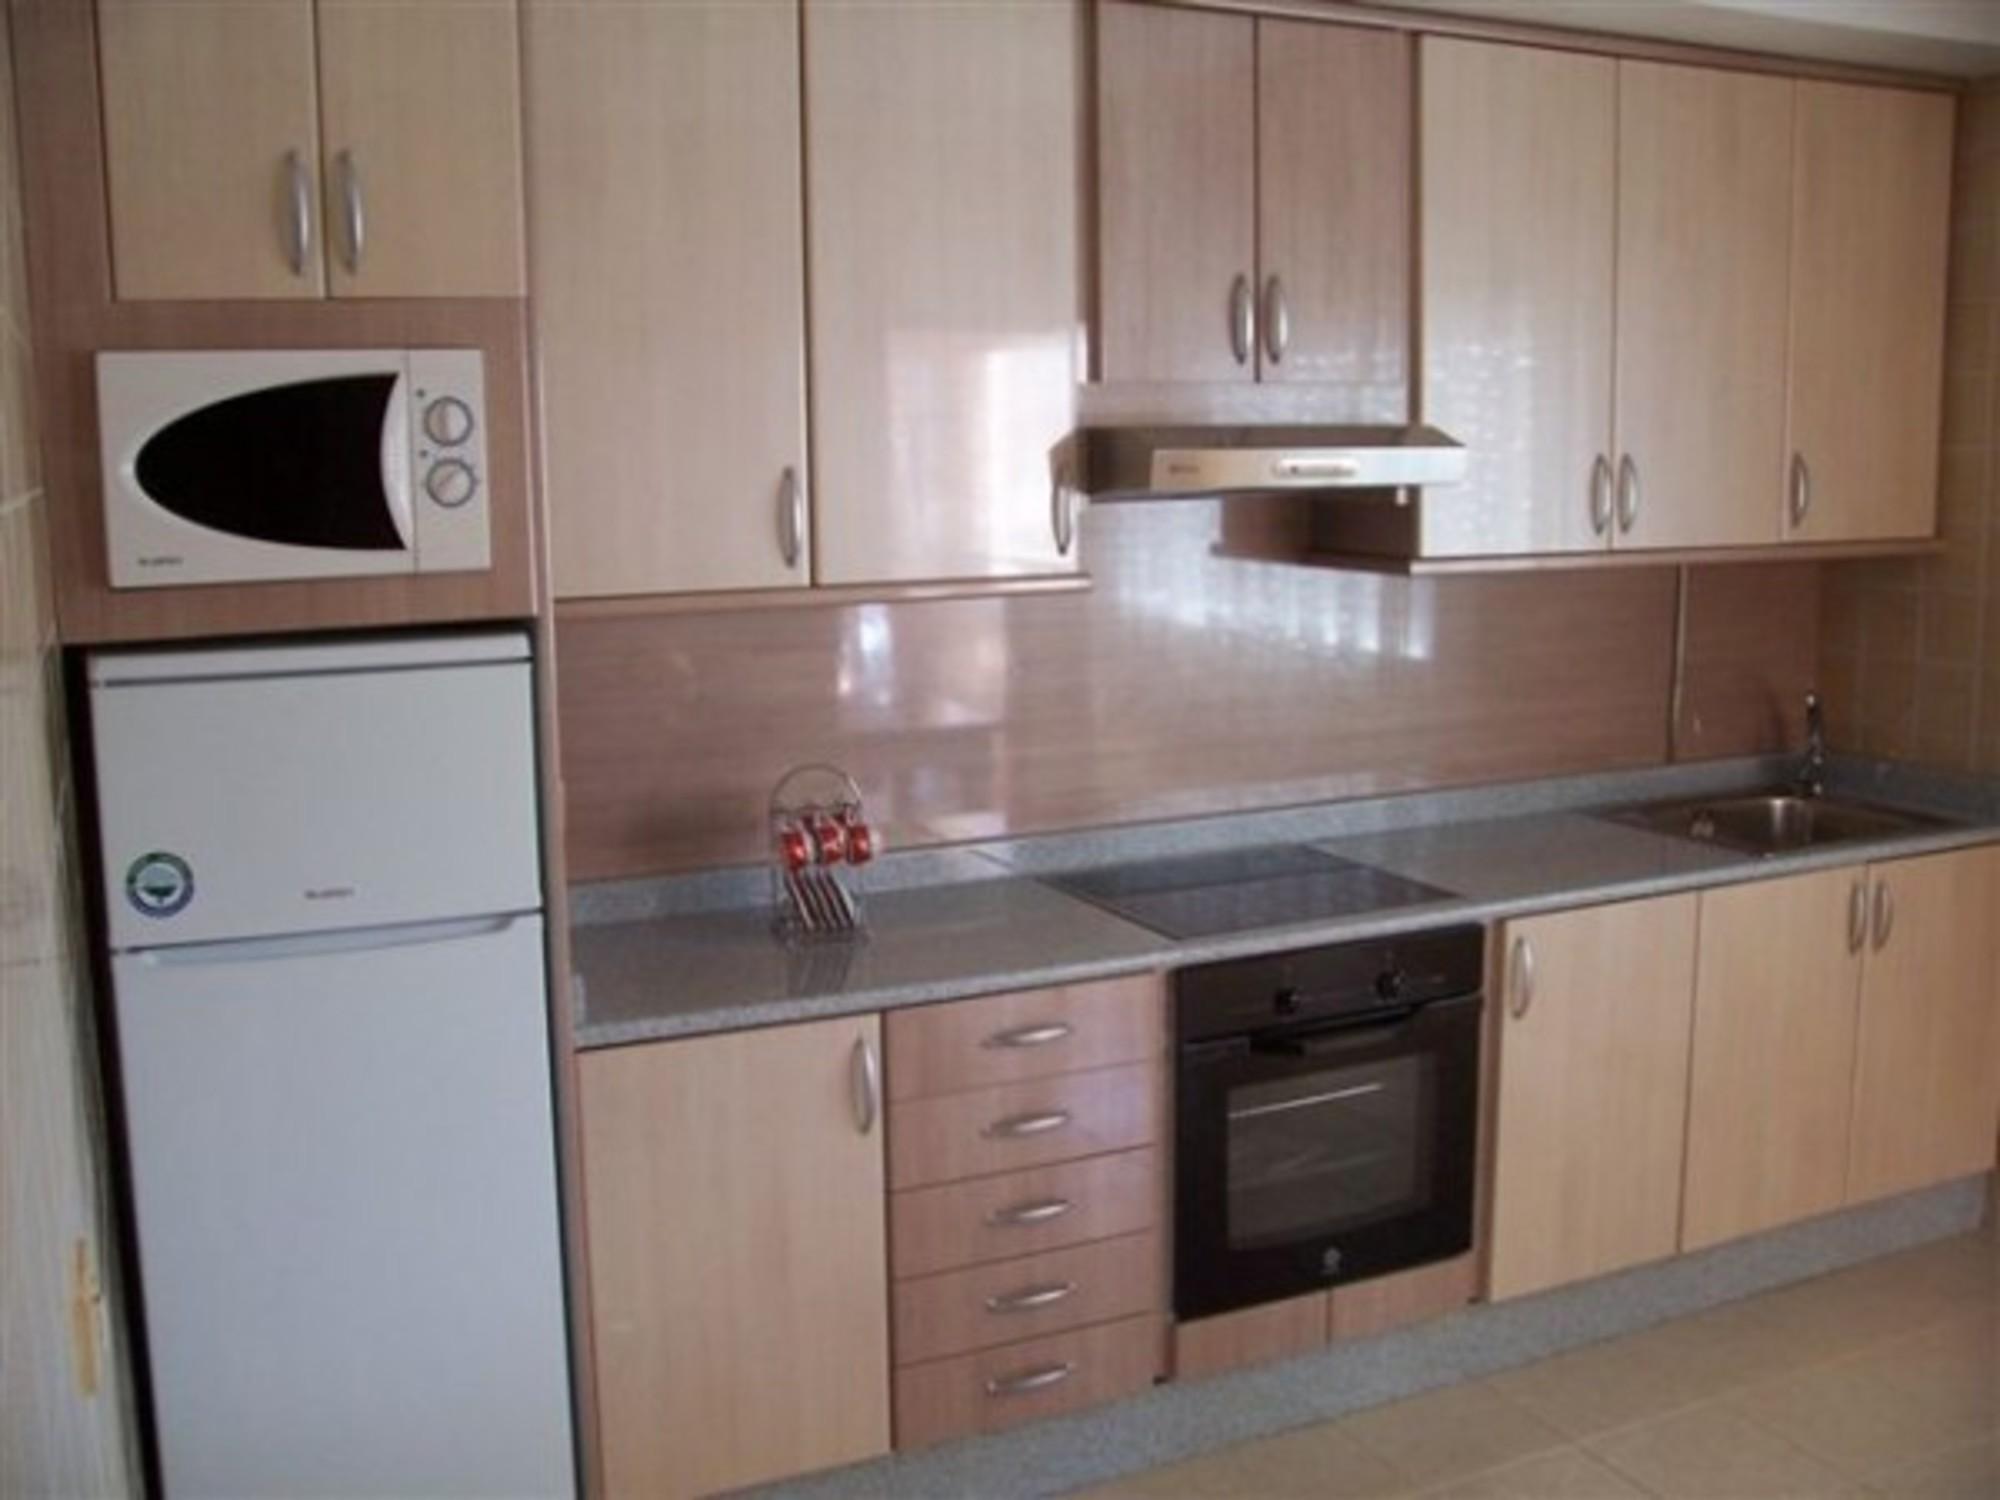 Ferienwohnung Apartment - 3 Bedrooms with WiFi - 100370 (1937622), Bon, Rias Bajas, Galicien, Spanien, Bild 4